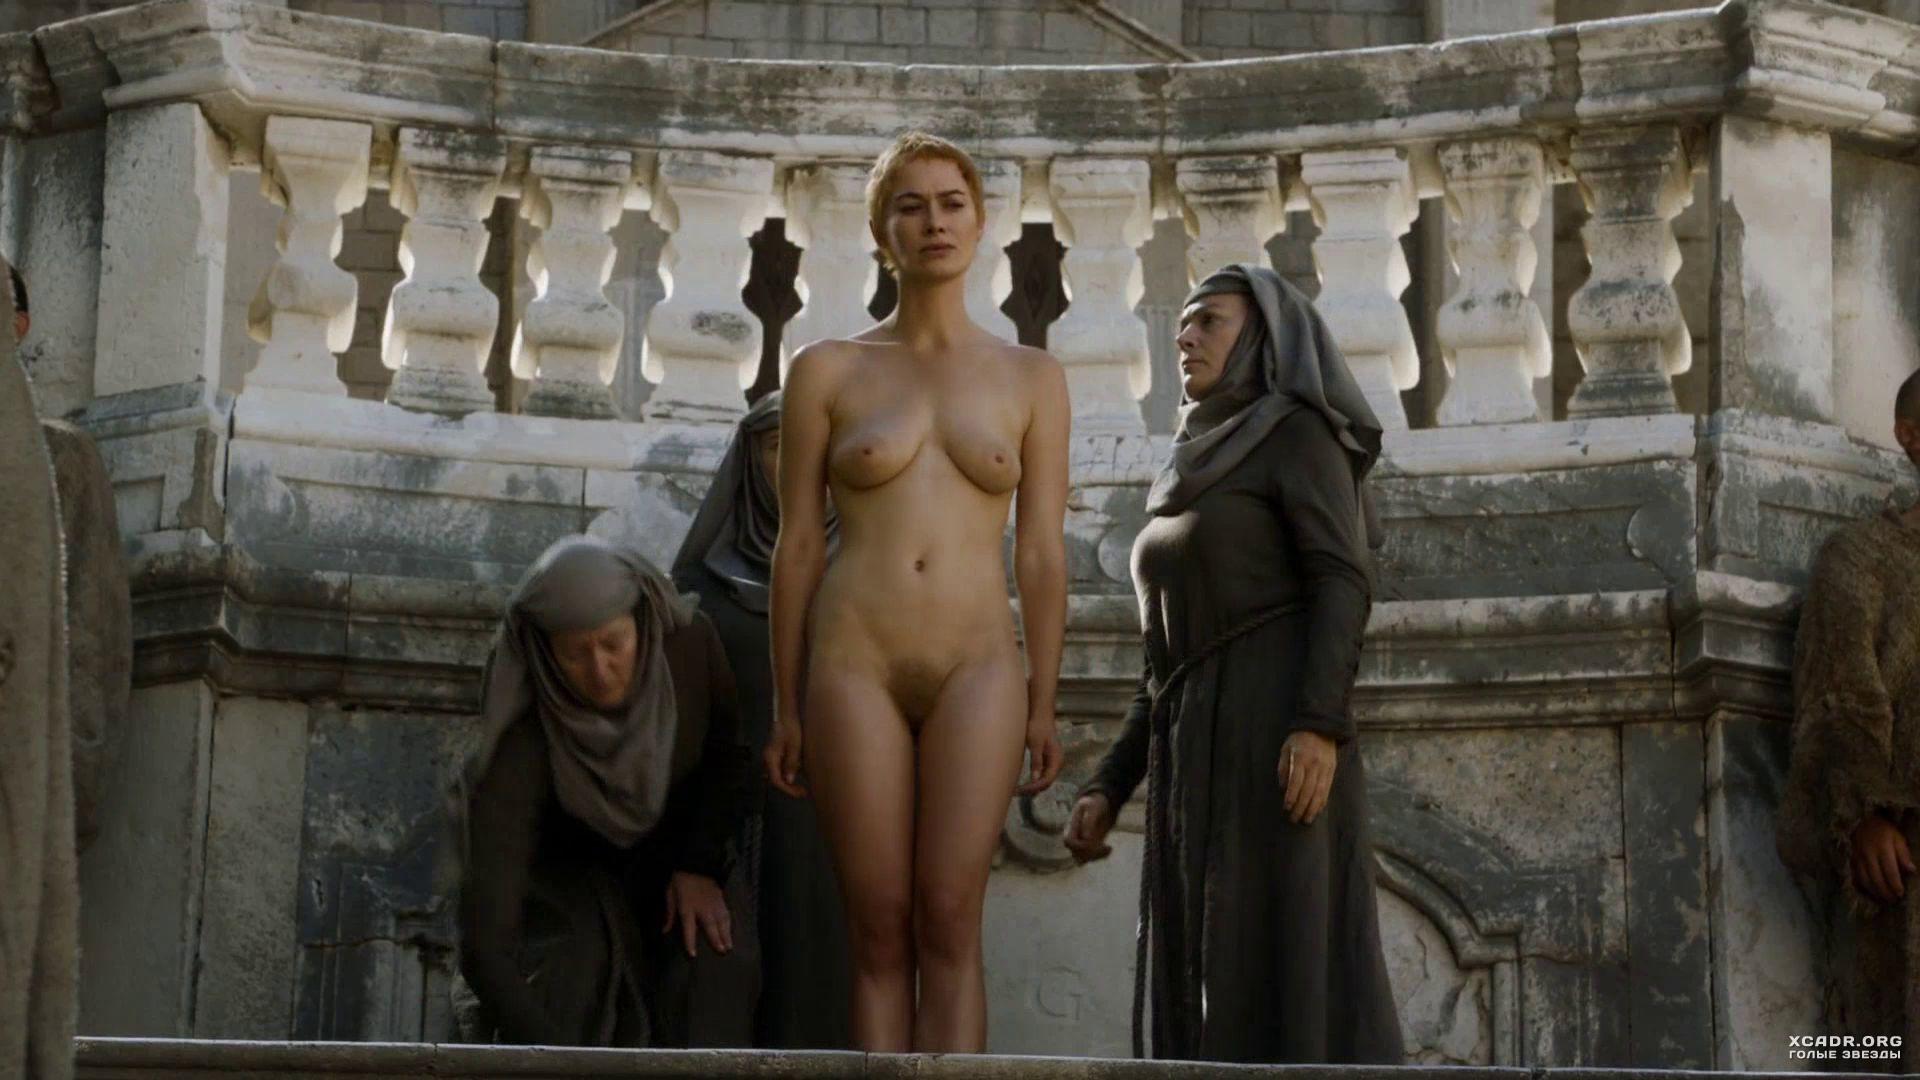 Фото голых актрис без цензуры в кино, шемале русское порно смотреть онлайн